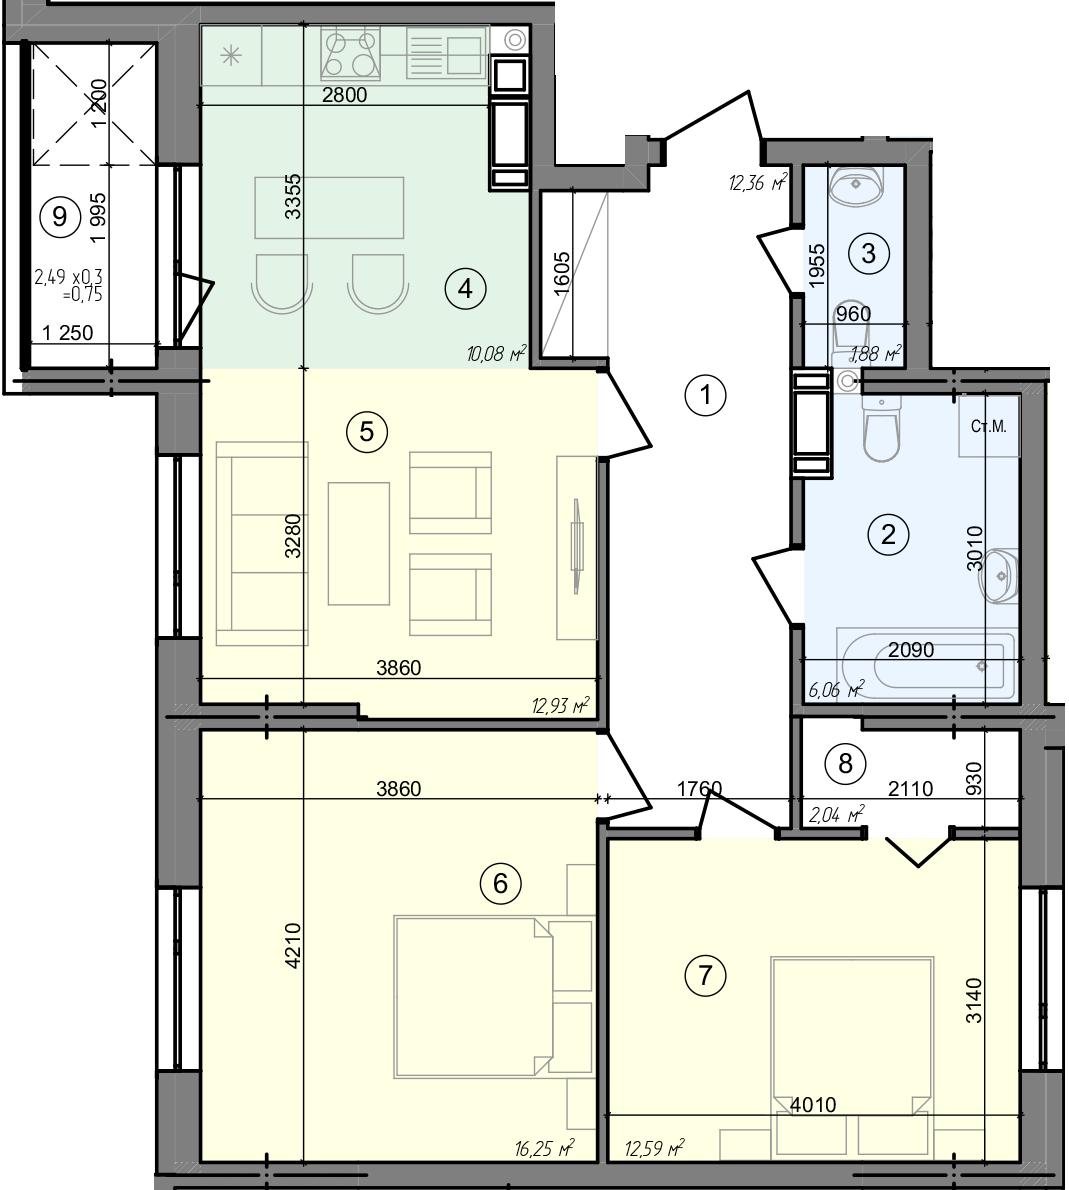 Купити Трикімнатна квартира 74,94 кв.м., тип 3.1, будинок 3, секція 4 в Києві Голосіївський район